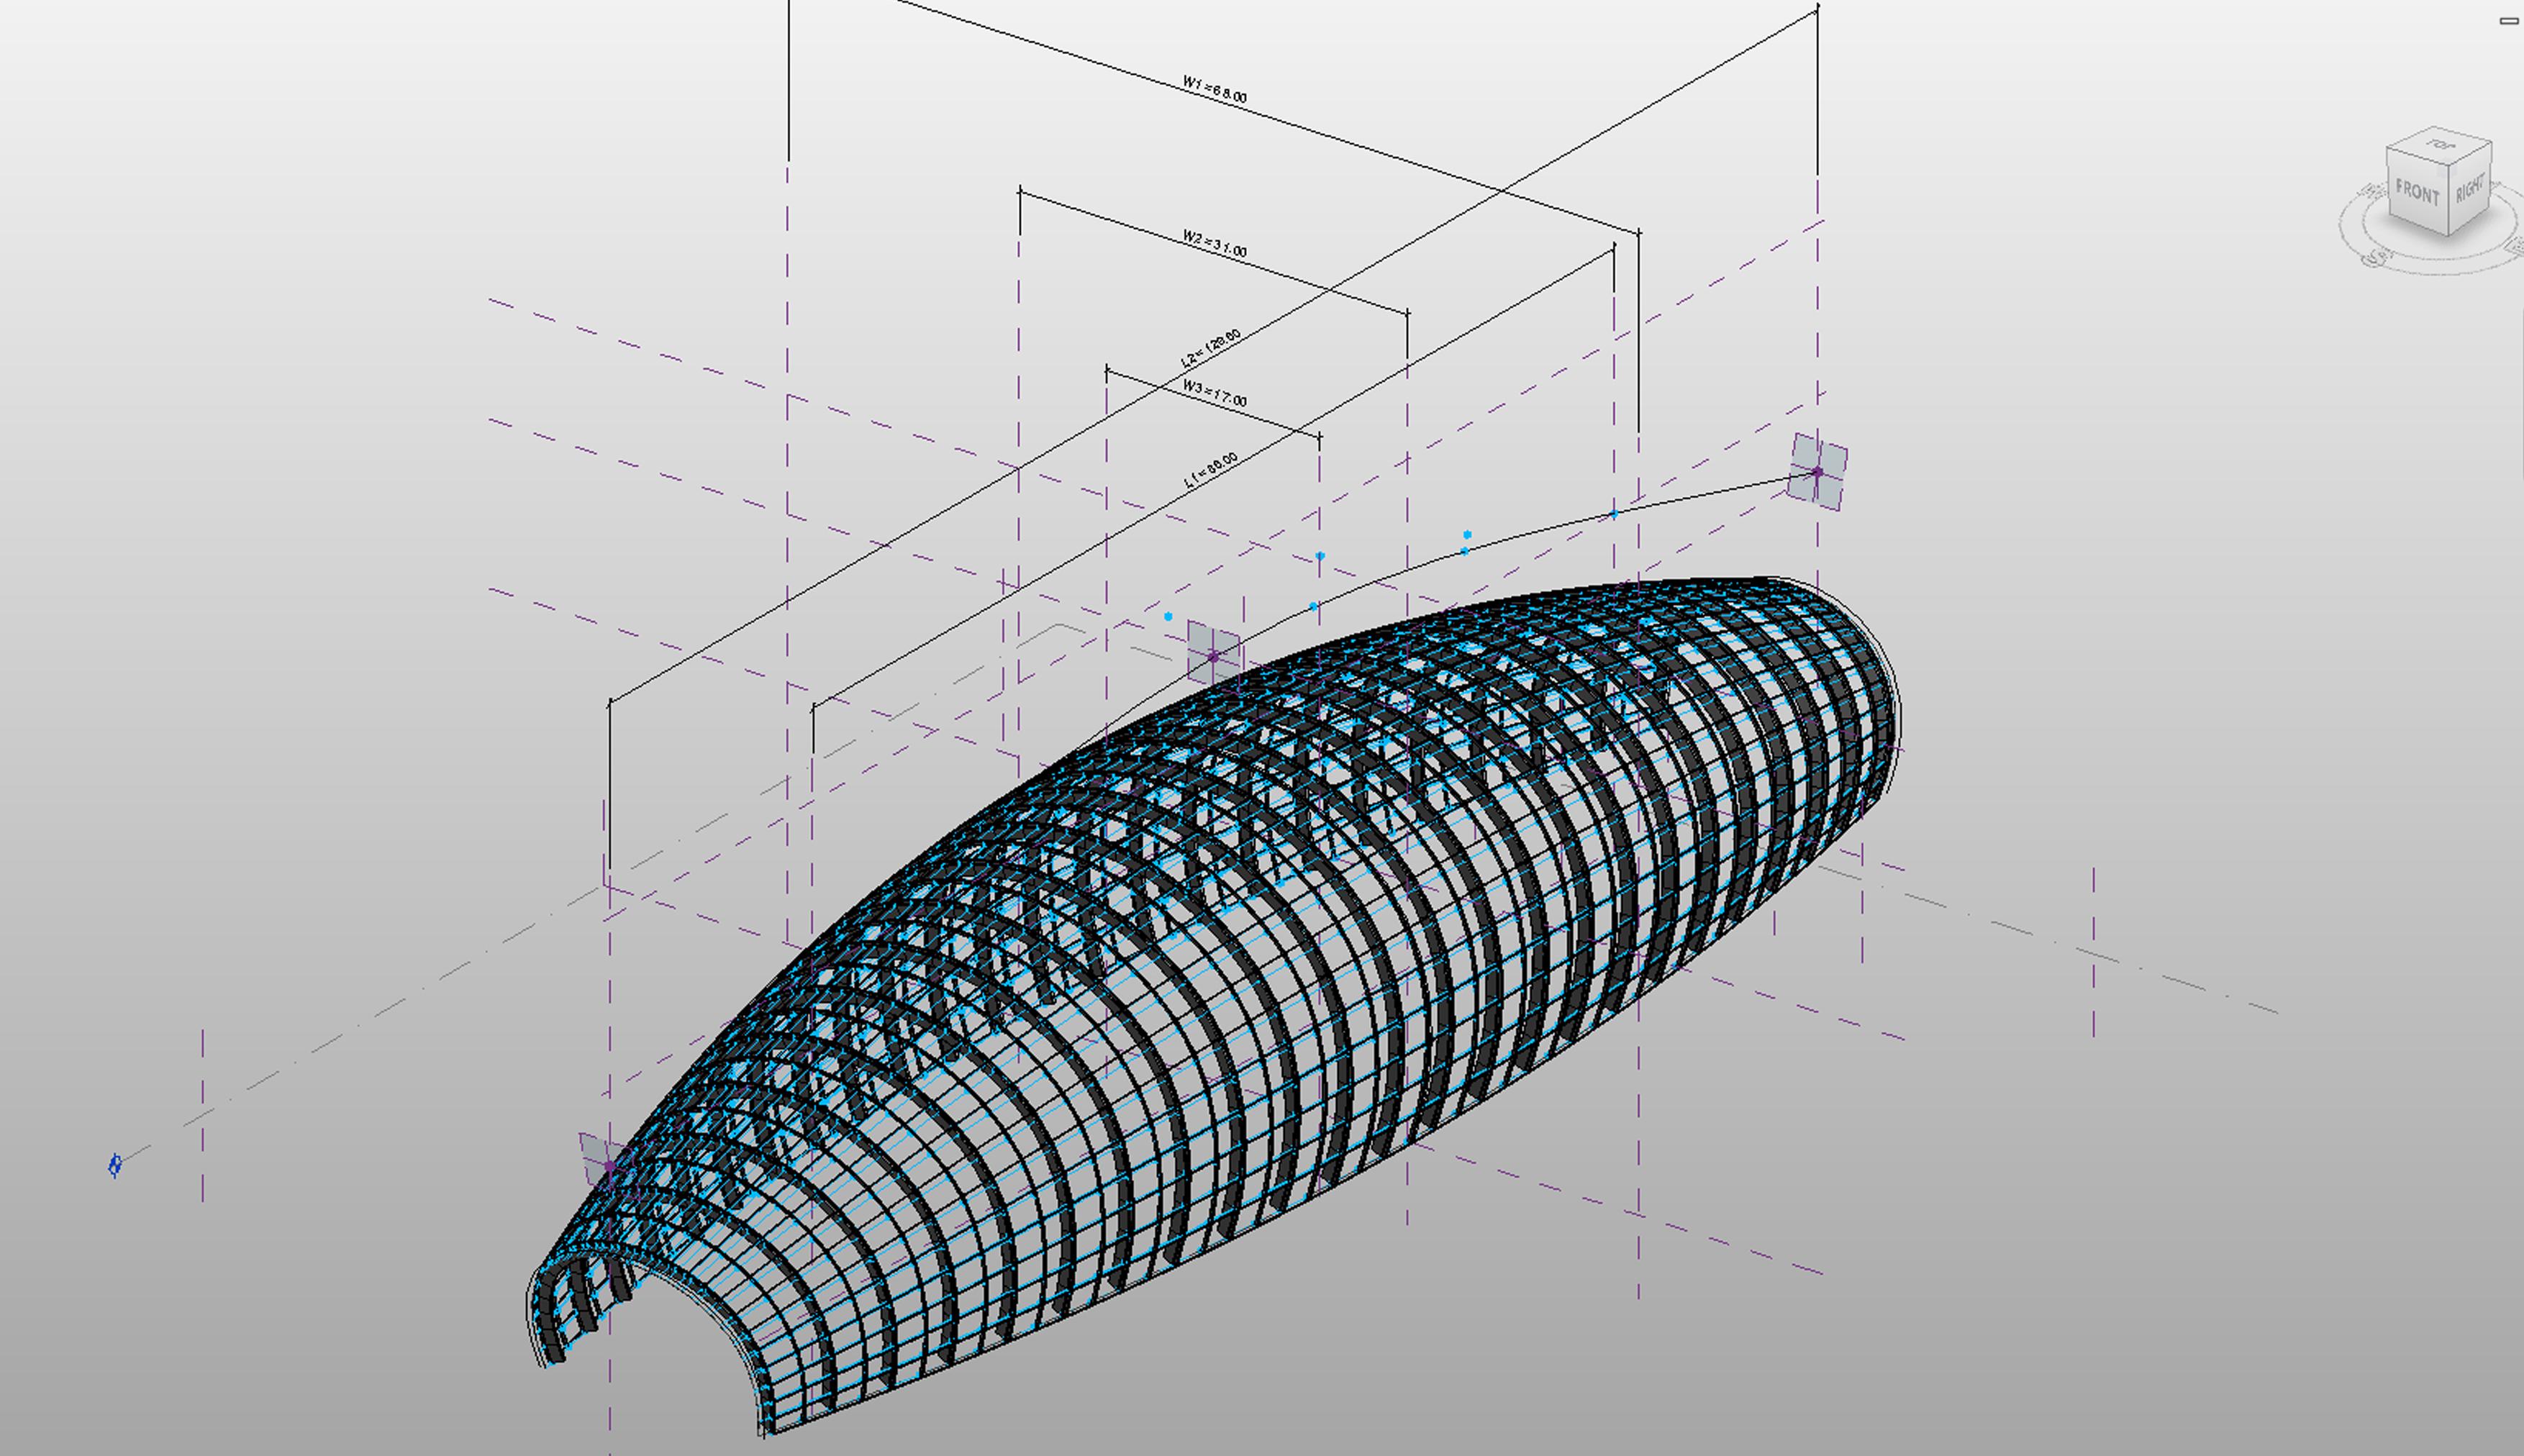 autodesk autocad architecture autodesk revit architecture